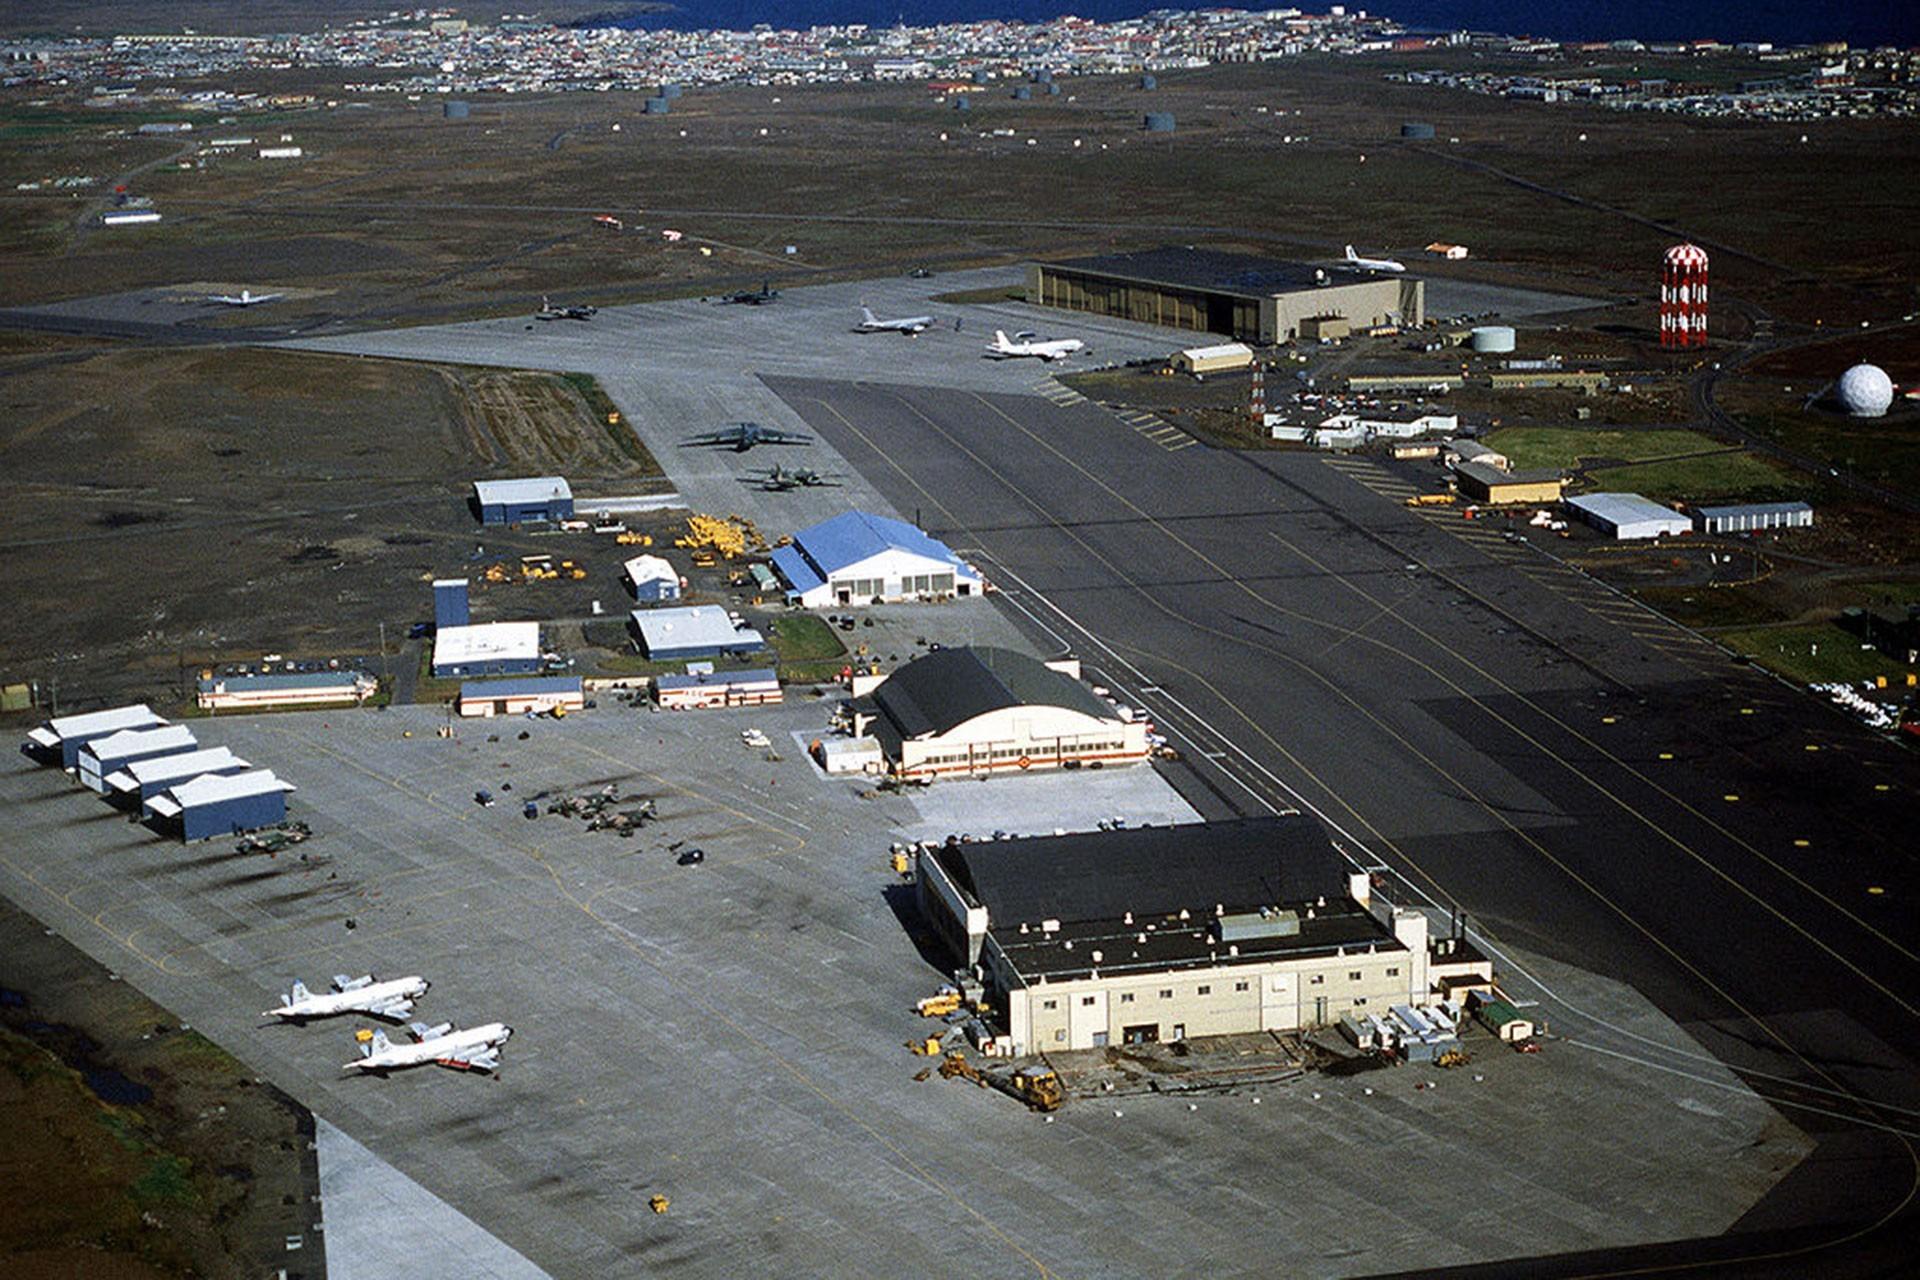 İzlanda halkı ABD'nin ülkedeki askeri varlığını güçlendirmesine karşı